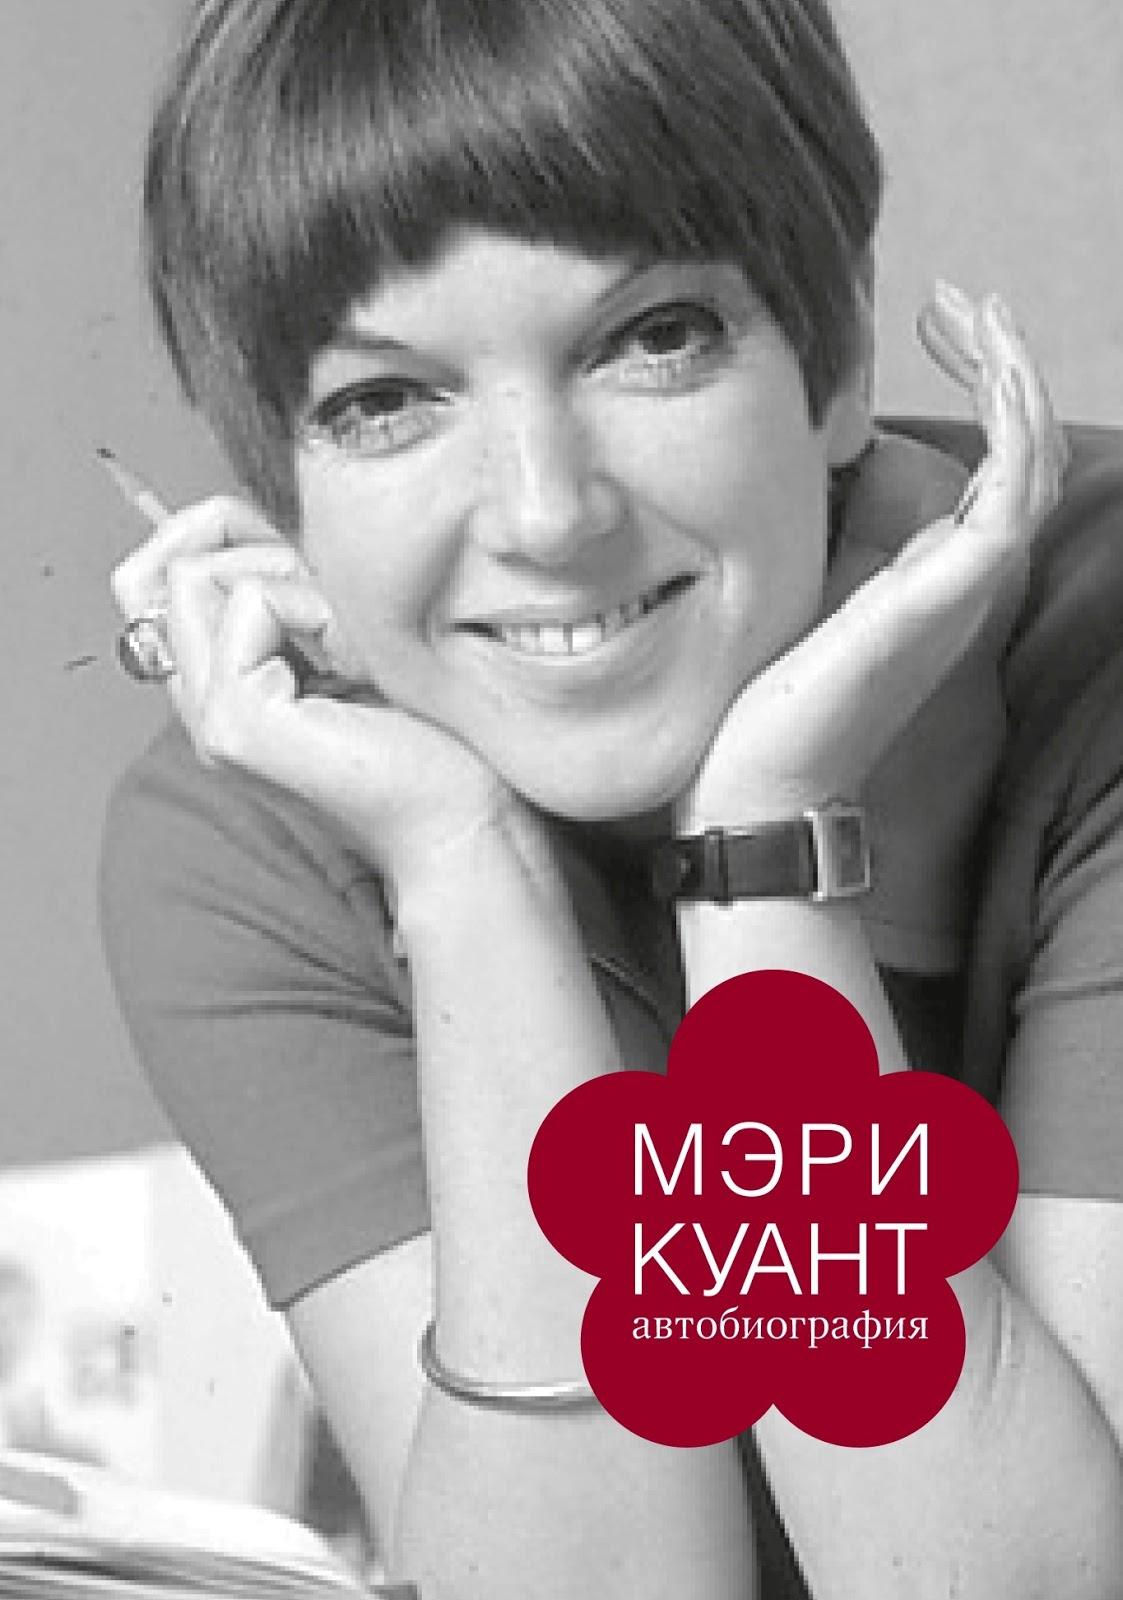 Орнелла Мути Надевает Халат – Идеальное Место Для Убийства (1971)